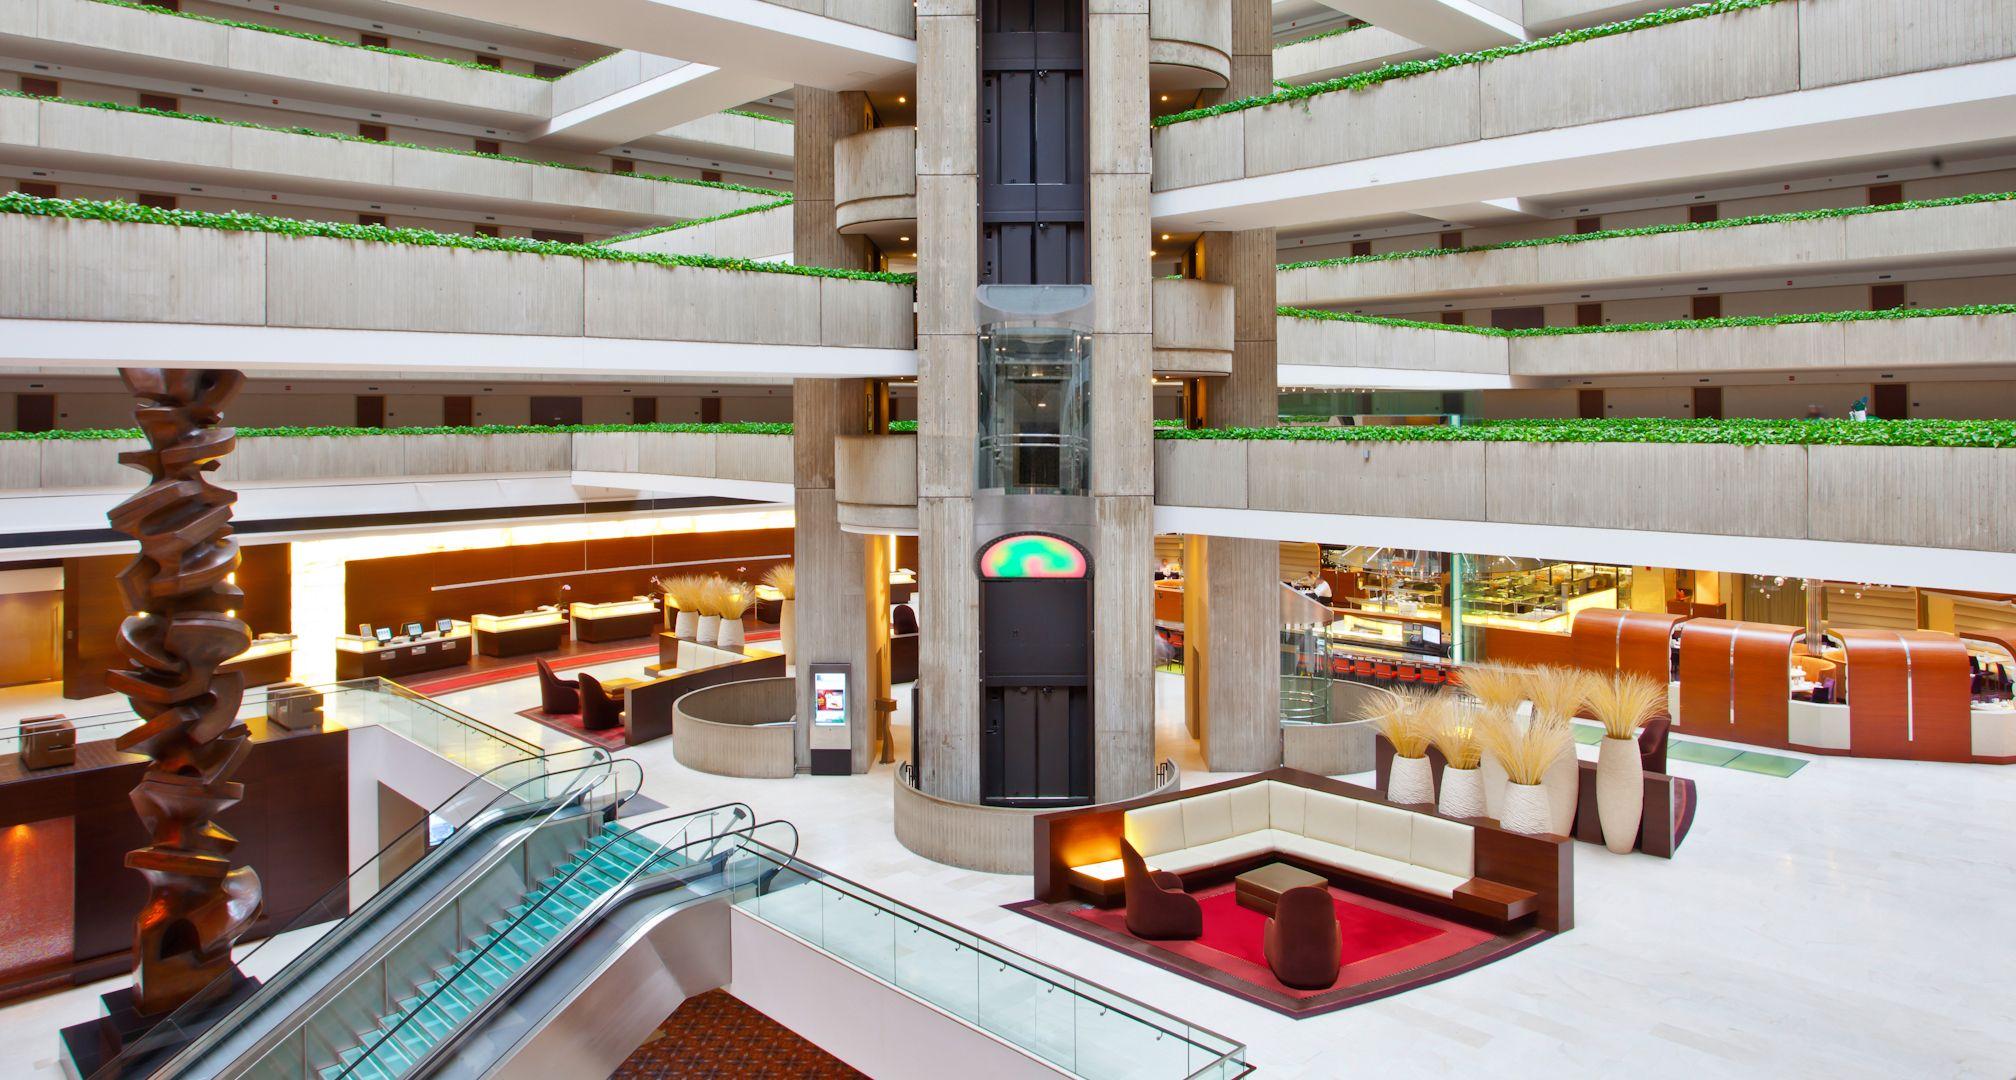 Hyatt regency ohare house styles architecture good